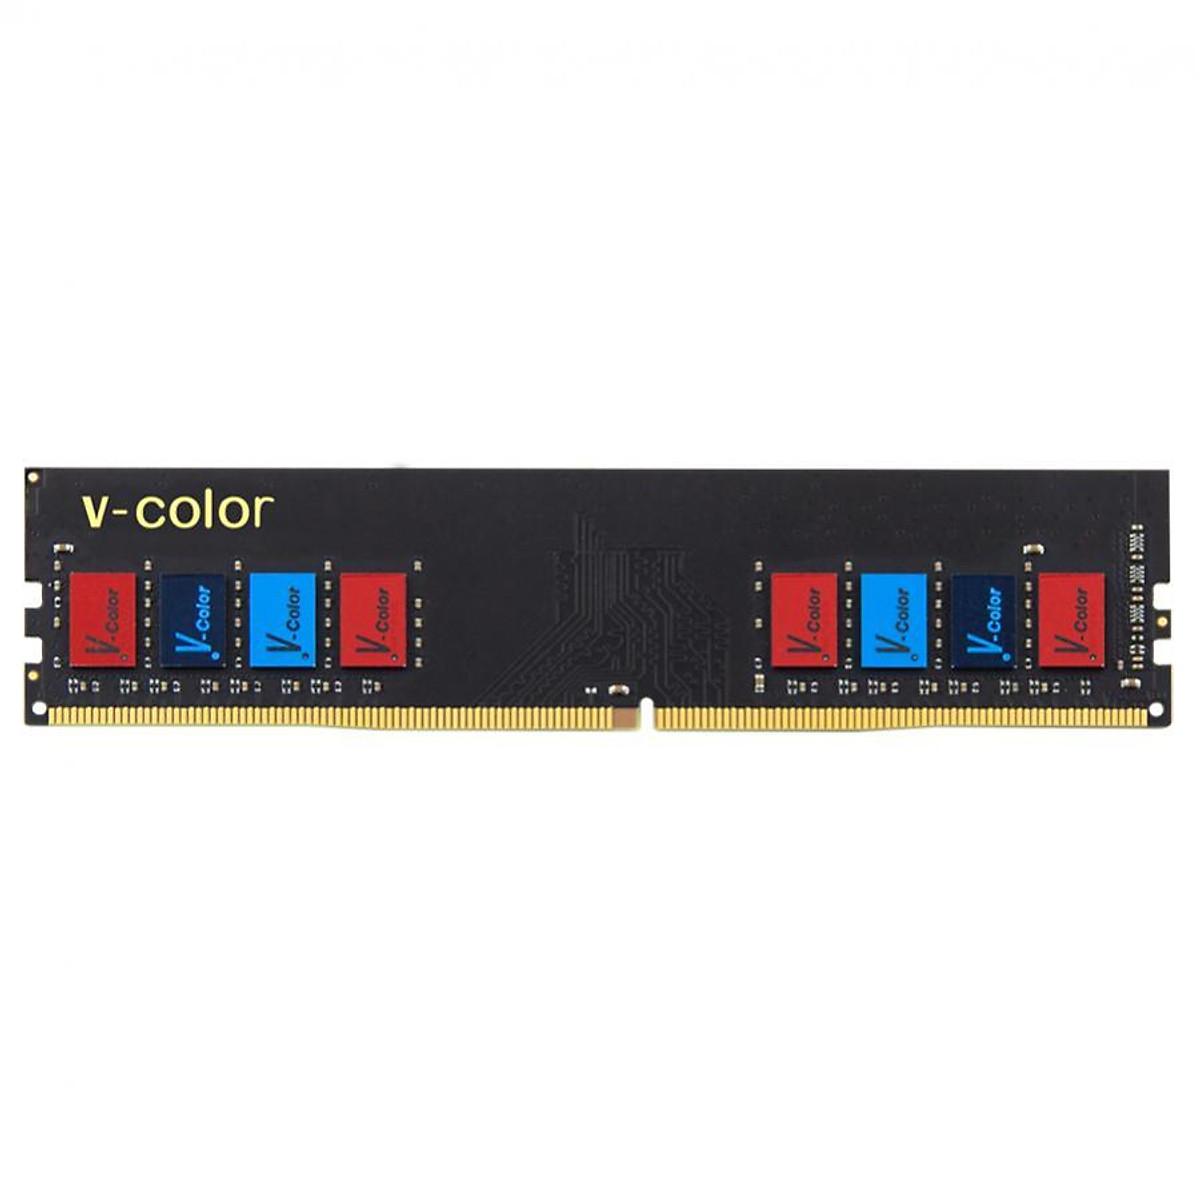 Hình đại diện sản phẩm RAM DDR4 V-Color 8GB/2133MHz Không Tản Nhiệt - Hàng Chính Hãng